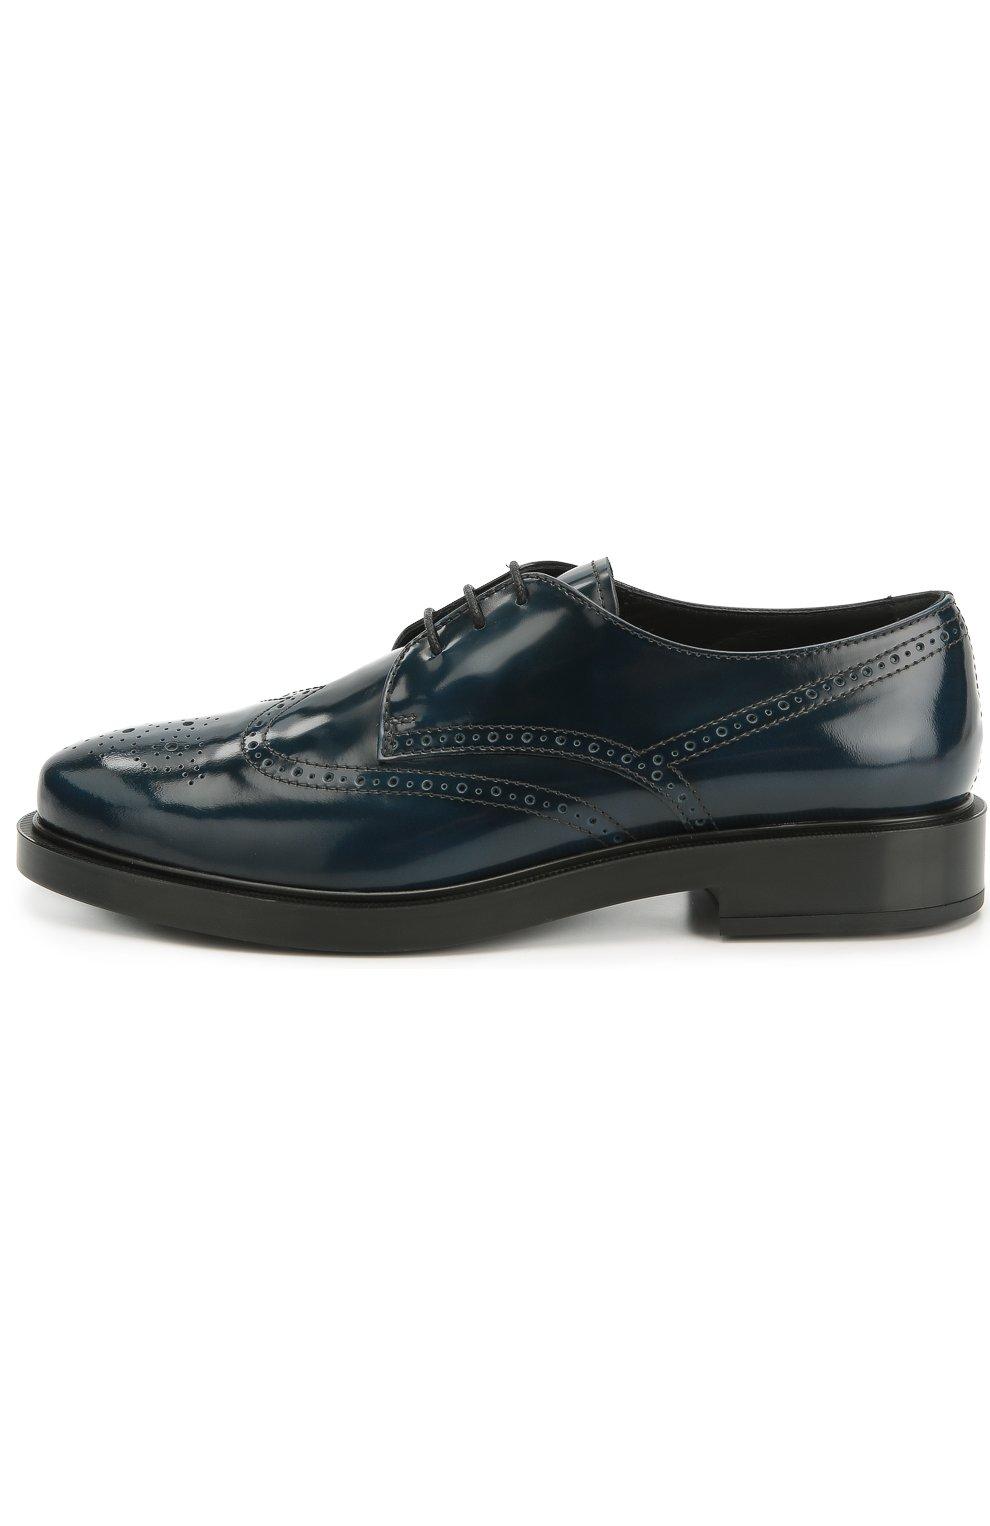 Кожаные ботинки Gomma с перфорацией   Фото №1